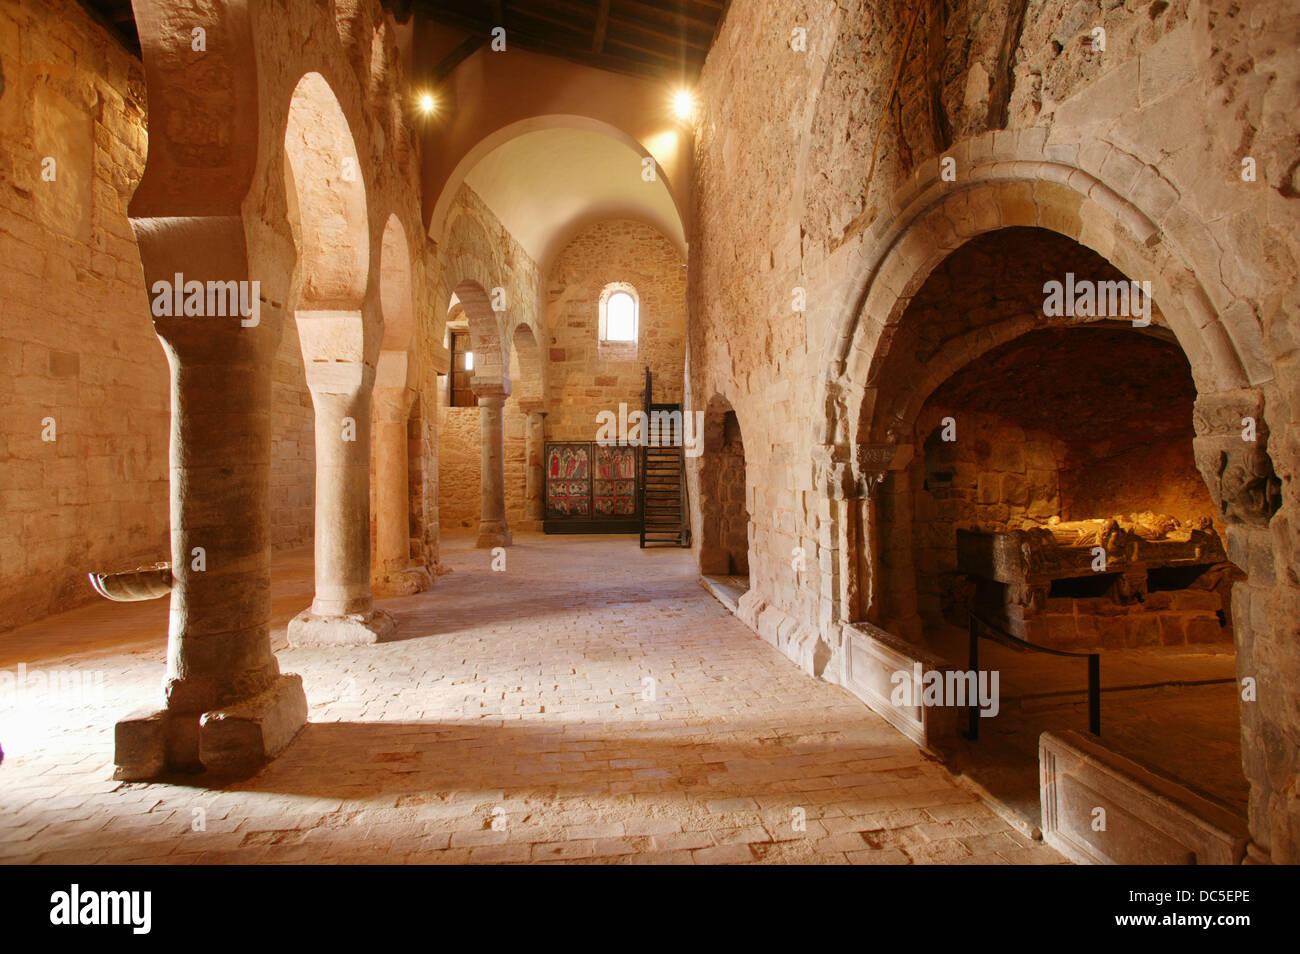 Monasterio de Suso (Built between VI and XI Century). San Millán de la Cogolla. La Rioja. Spain - Stock Image